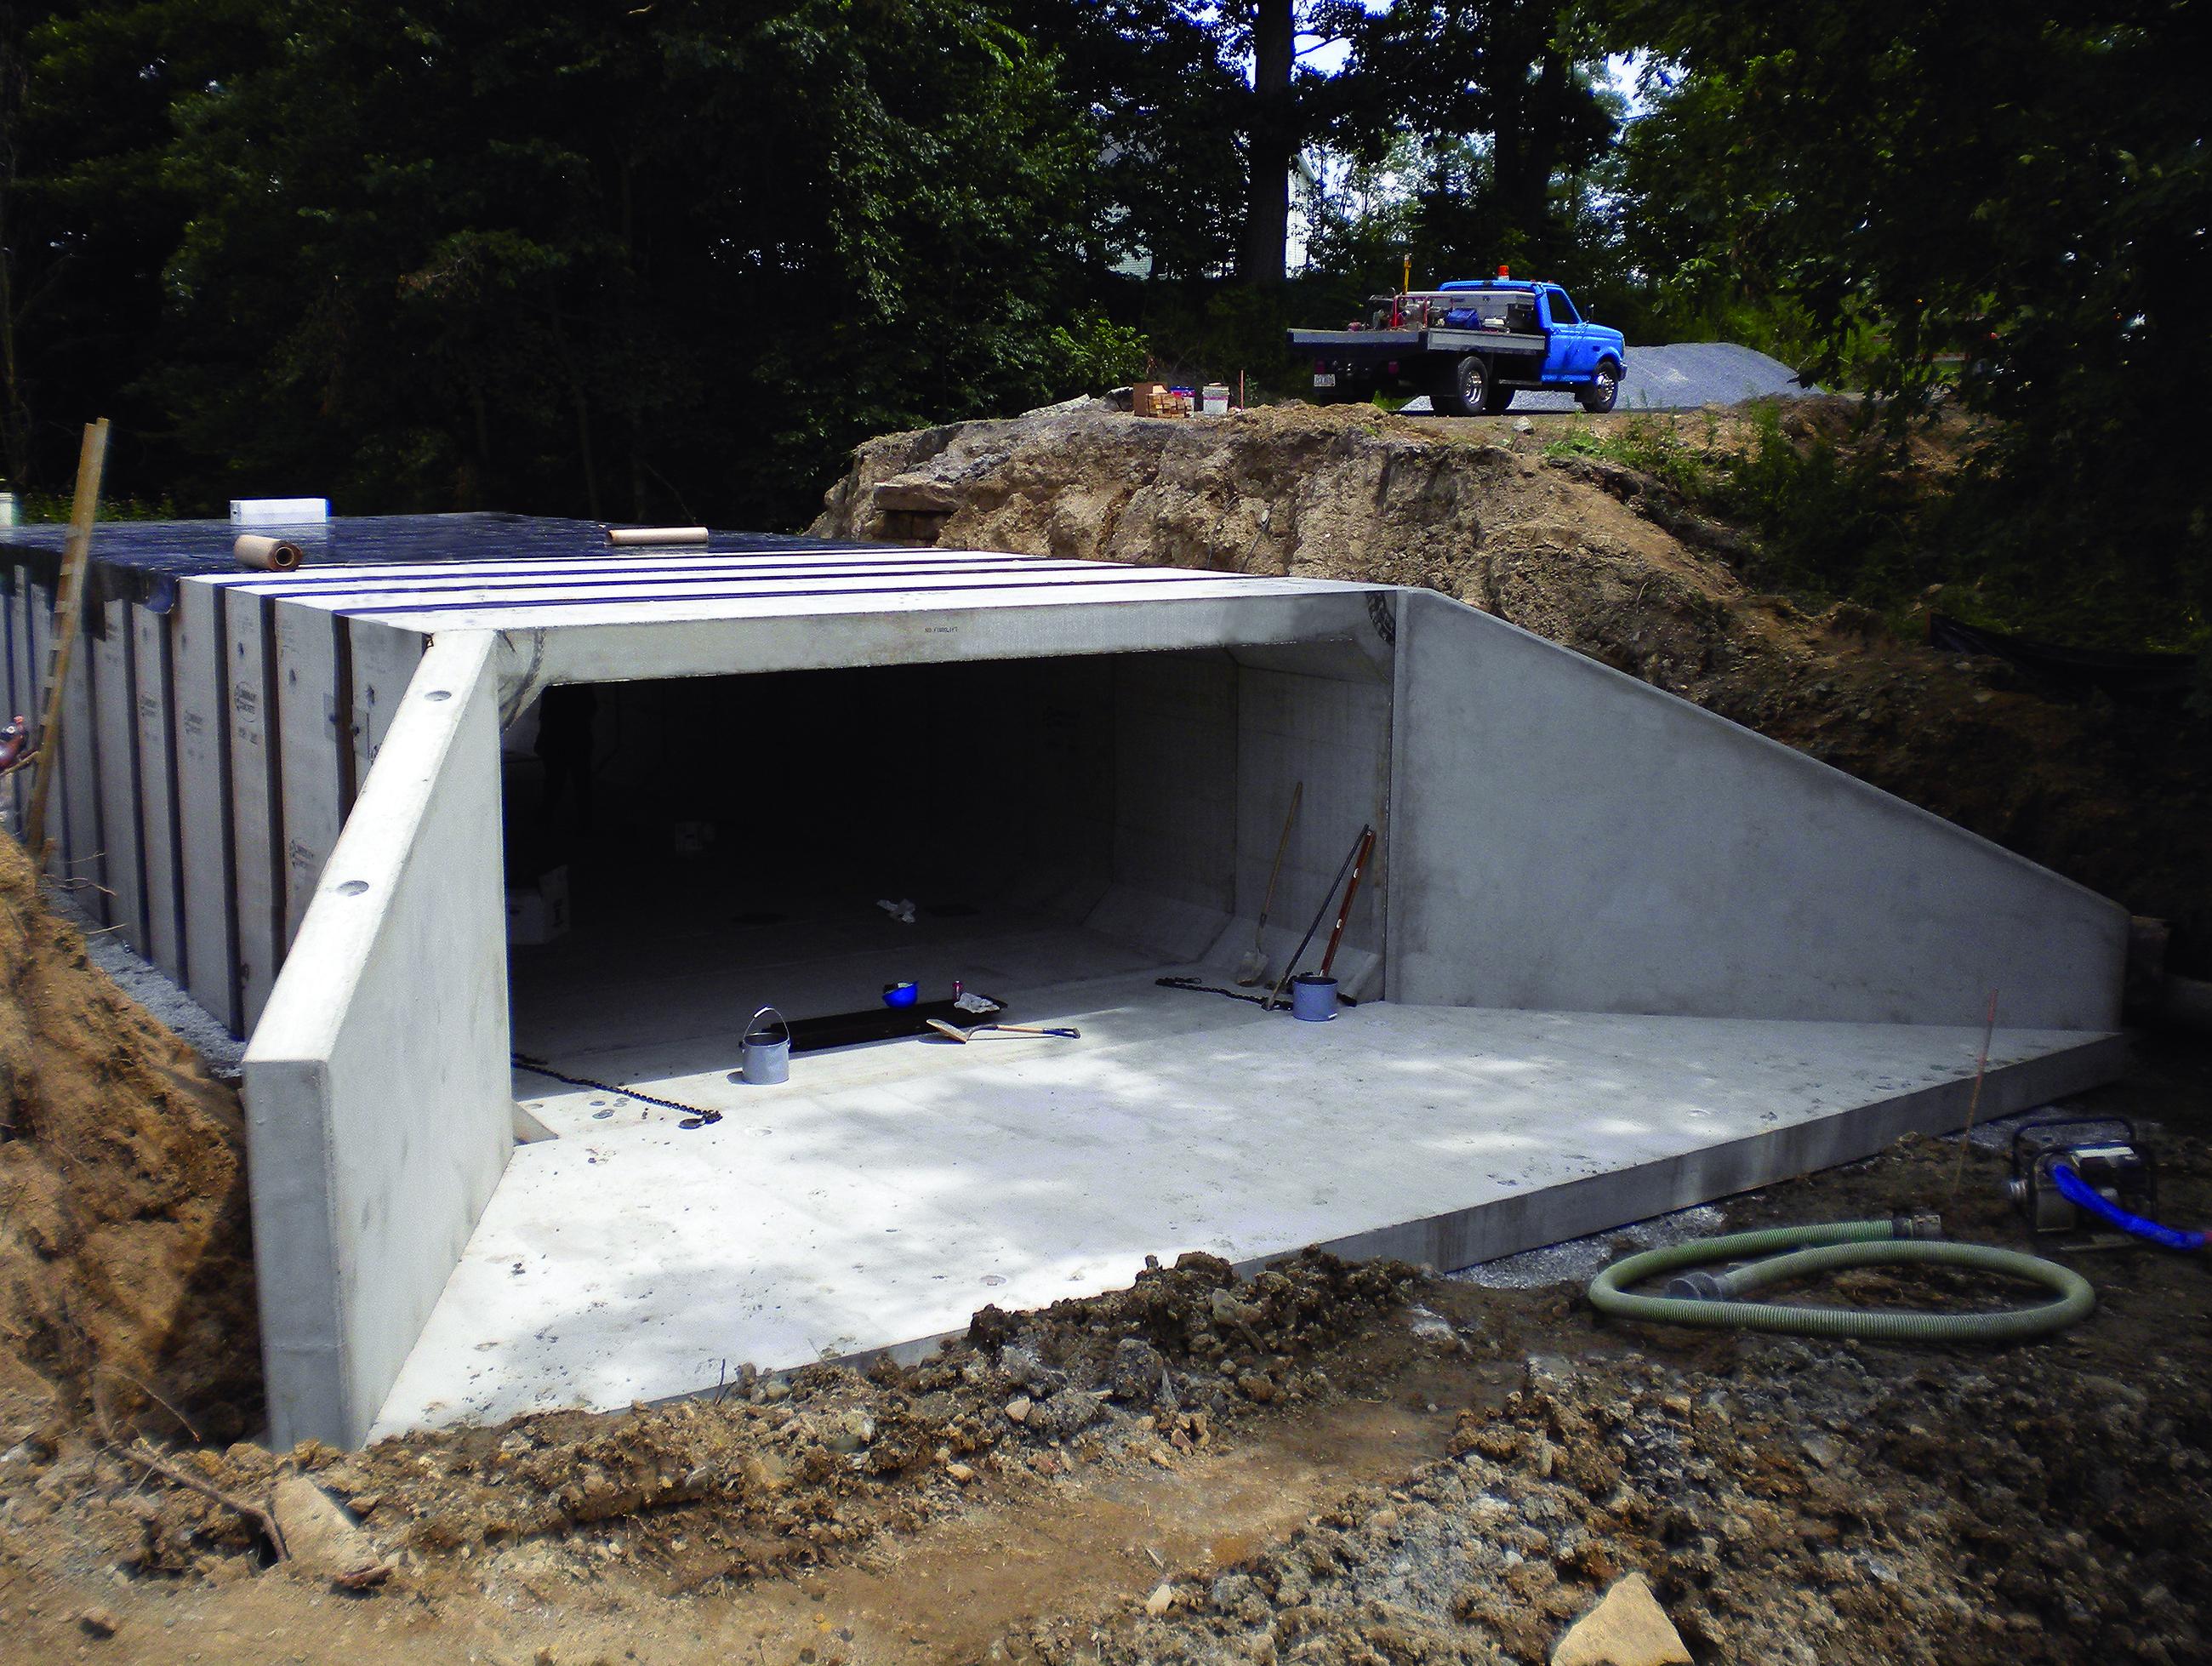 Best Kitchen Gallery: With Less Labor Maintenance Free Precast Concrete Box Culvert of Culvert Underground Homes on rachelxblog.com